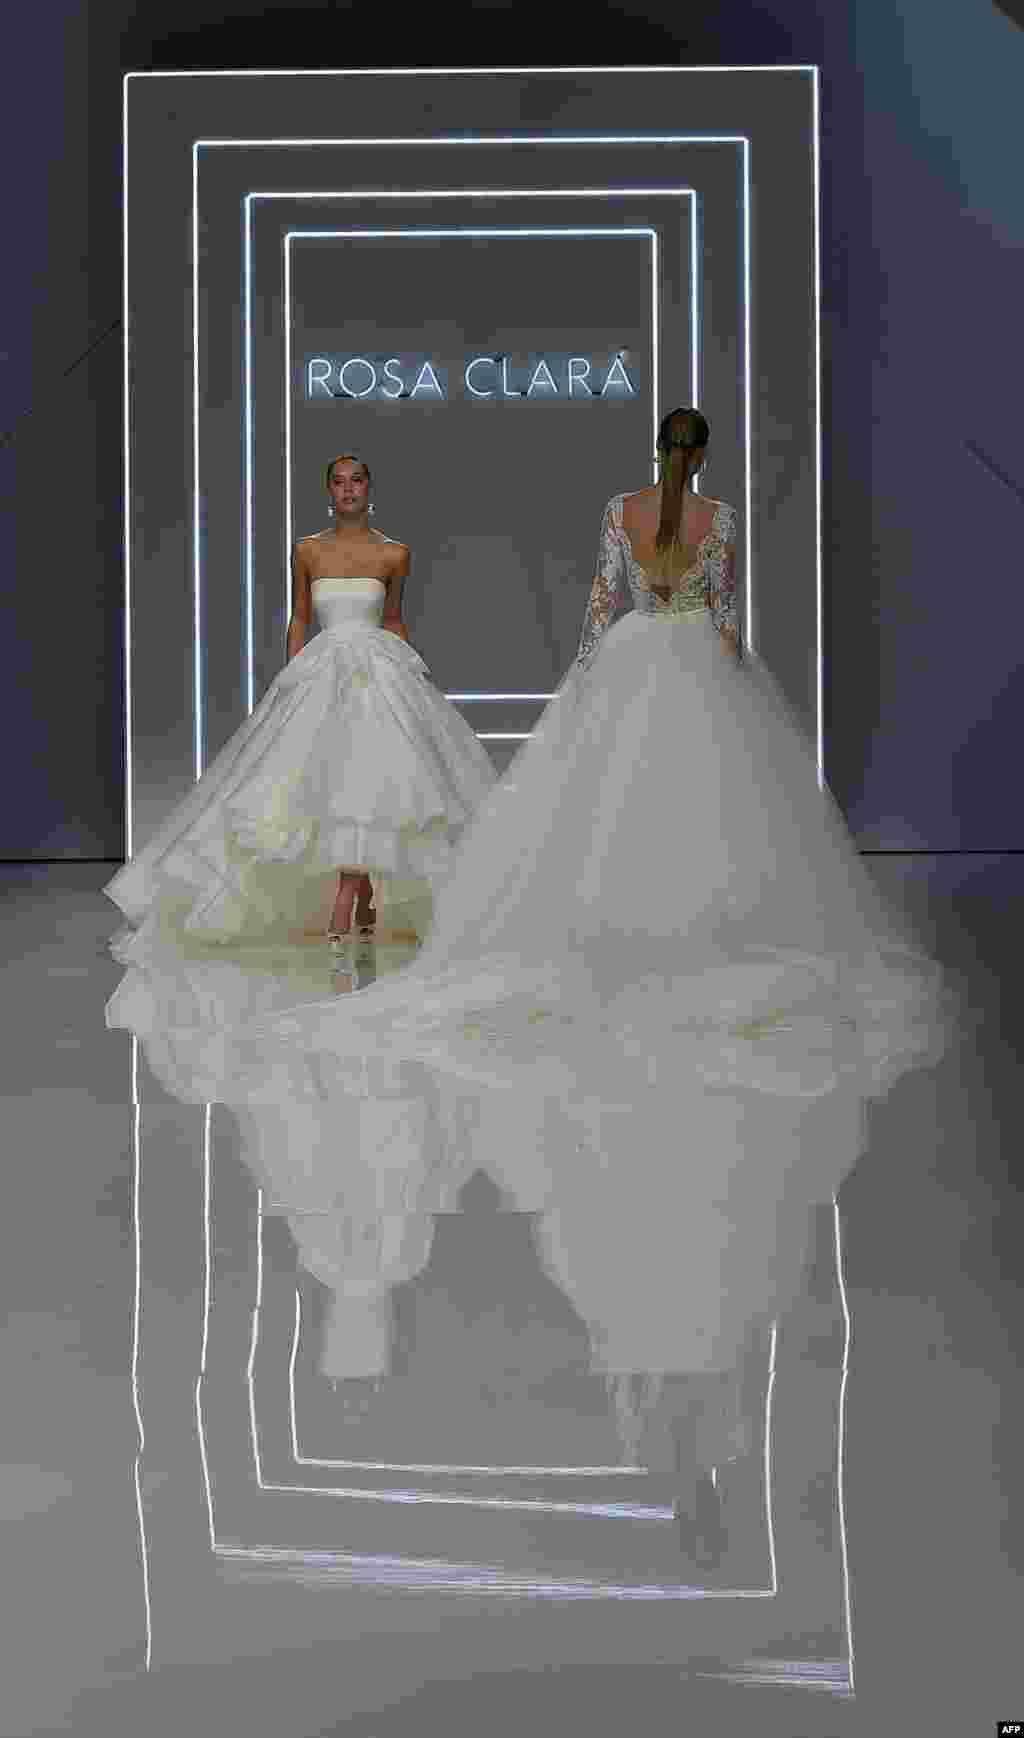 អ្នកបង្ហាញម៉ូដបង្ហាញការបង្កើតថ្មីនៃម៉ូដ Rosa Clara 2016 នៅថ្ងៃទី១នៃកម្មវិធី Barcelona Bridal Week ក្នុងក្រុង Barcelona។